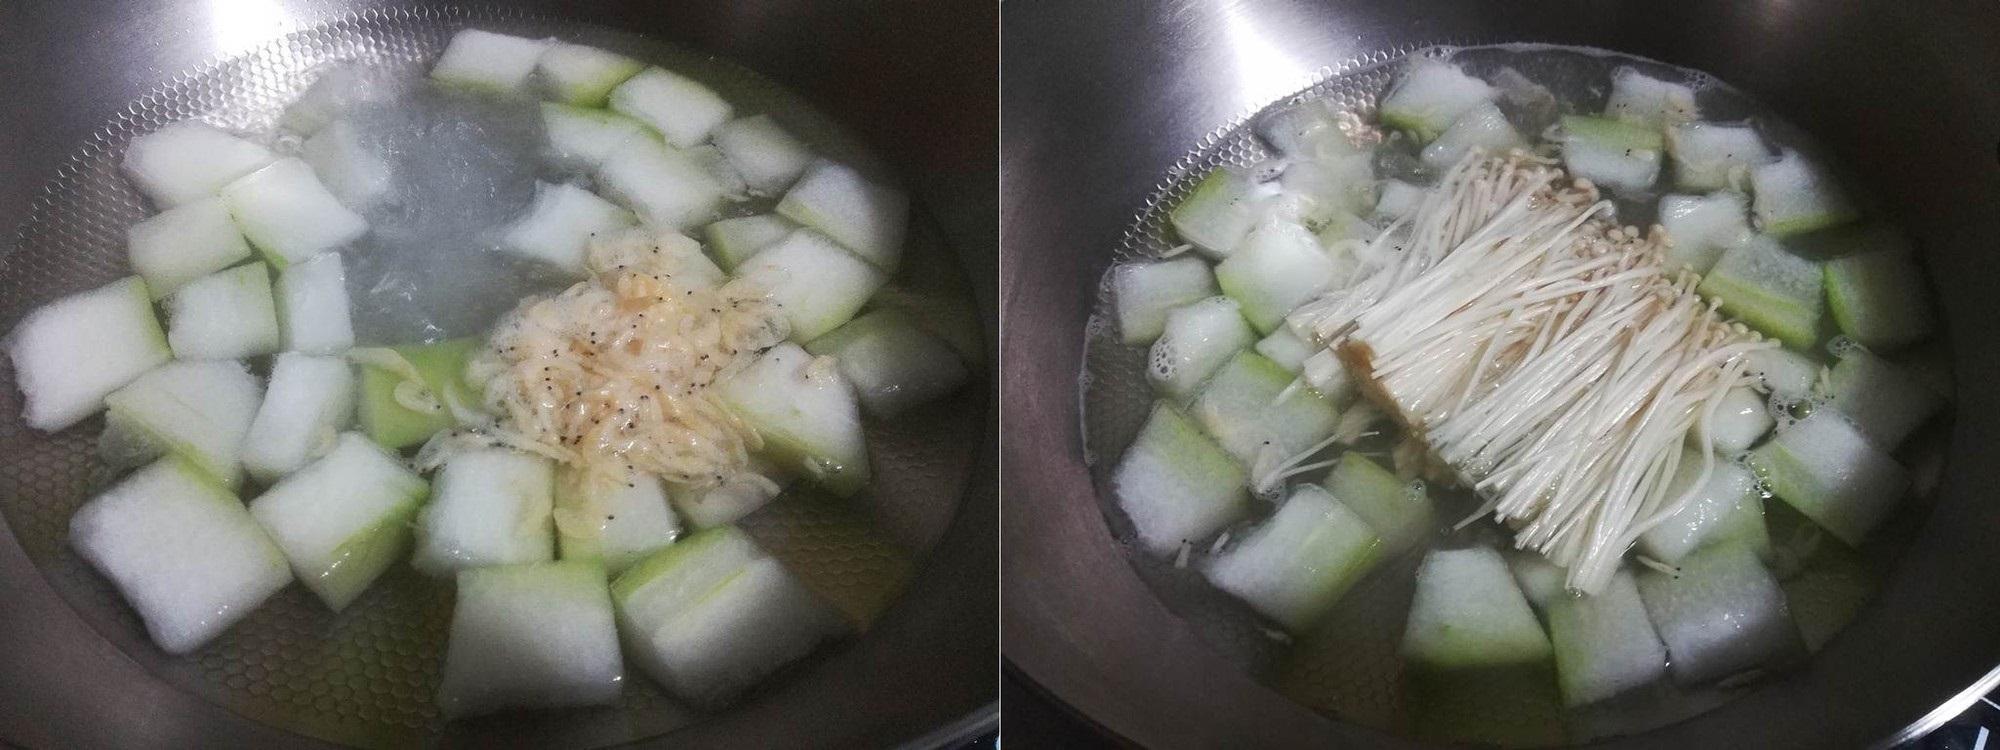 Ngọt lành thanh mát canh bí đao nấu nấm - Ảnh 3